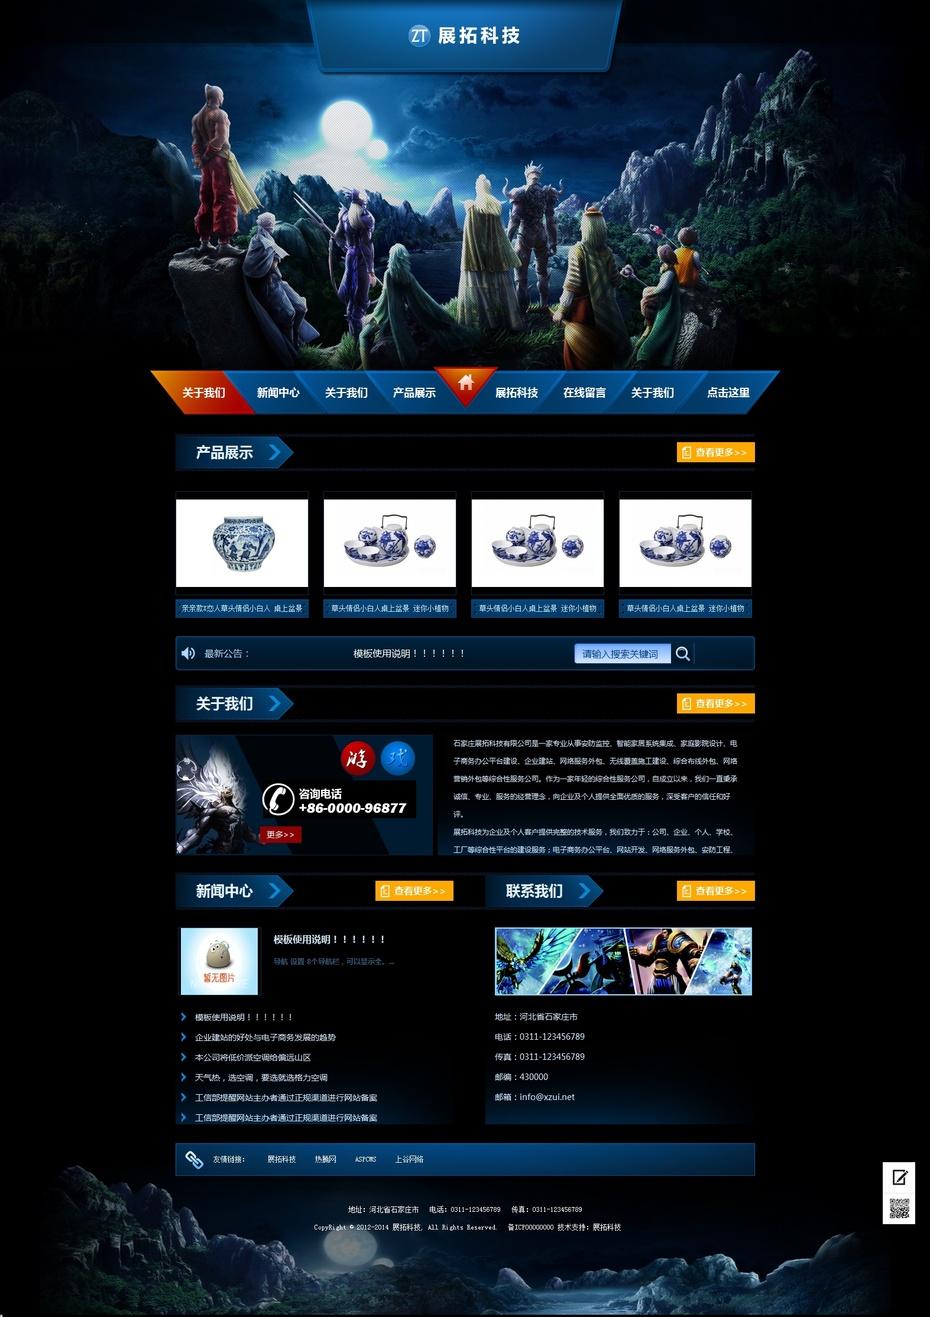 高端大气精美的游戏网站建设Aspcms模板